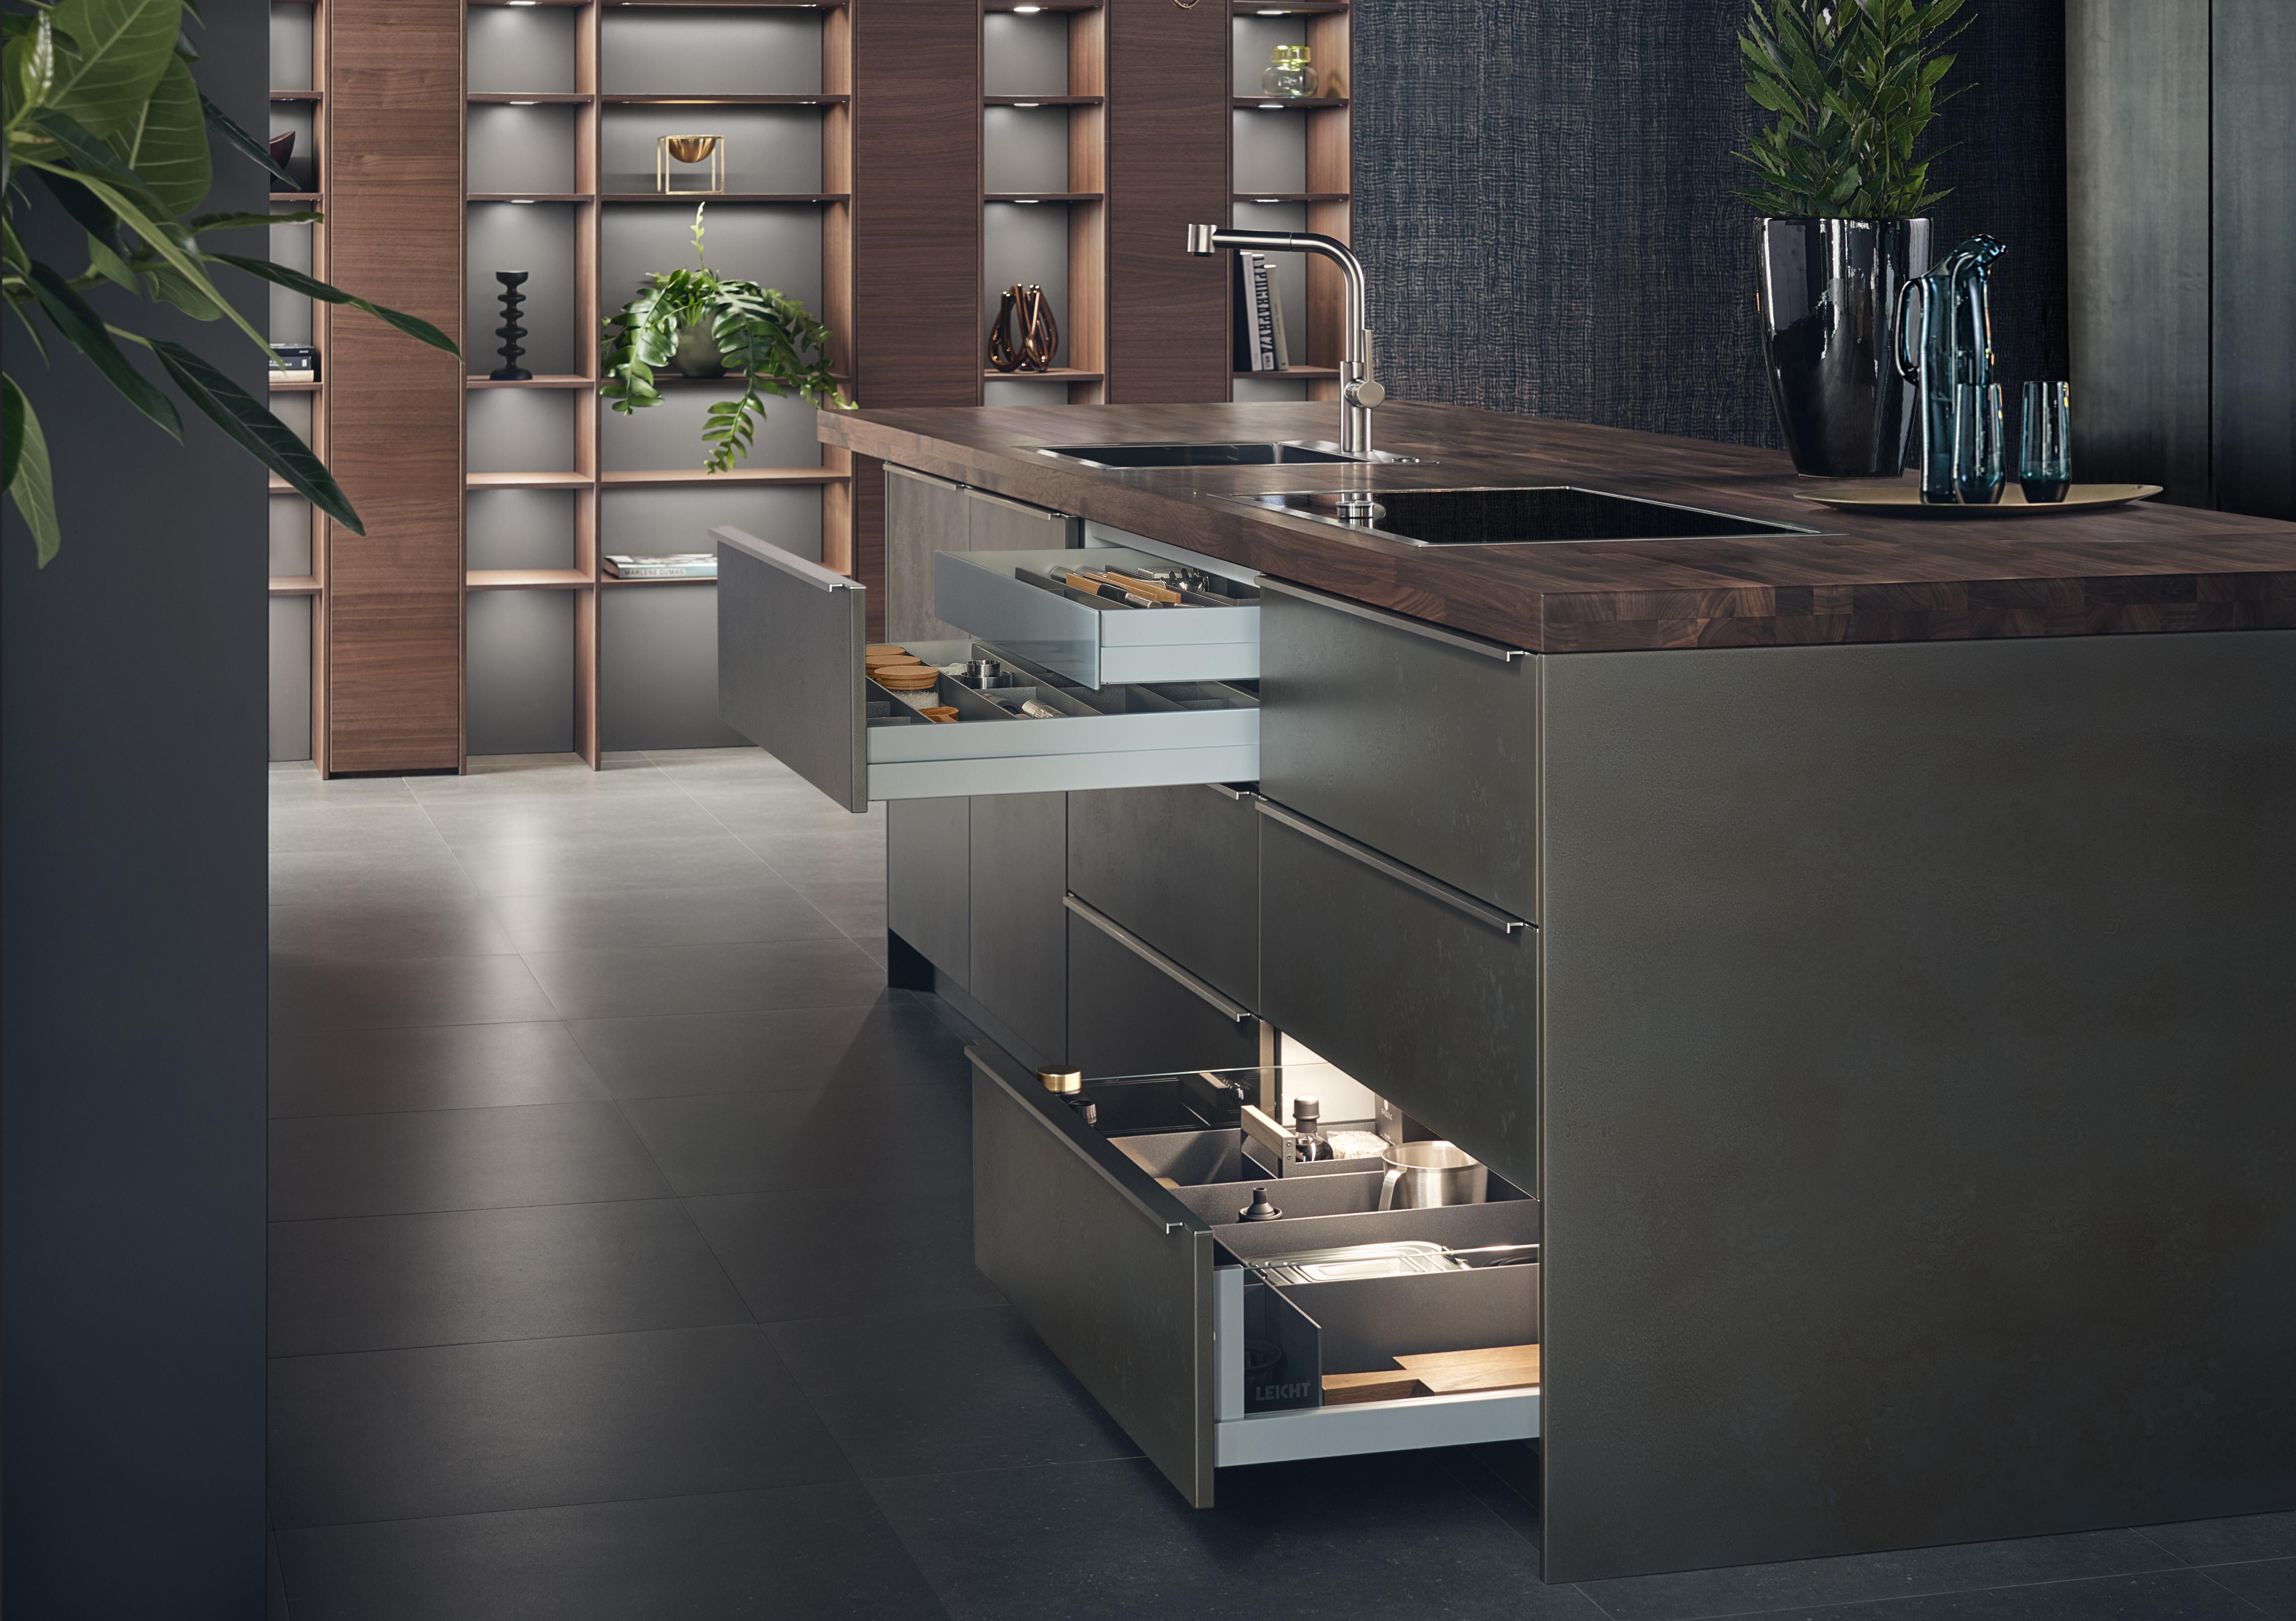 Cuisine Leicht Wels Décoration Antibes, nouveauté 2019 façade Steel couleur Ferro